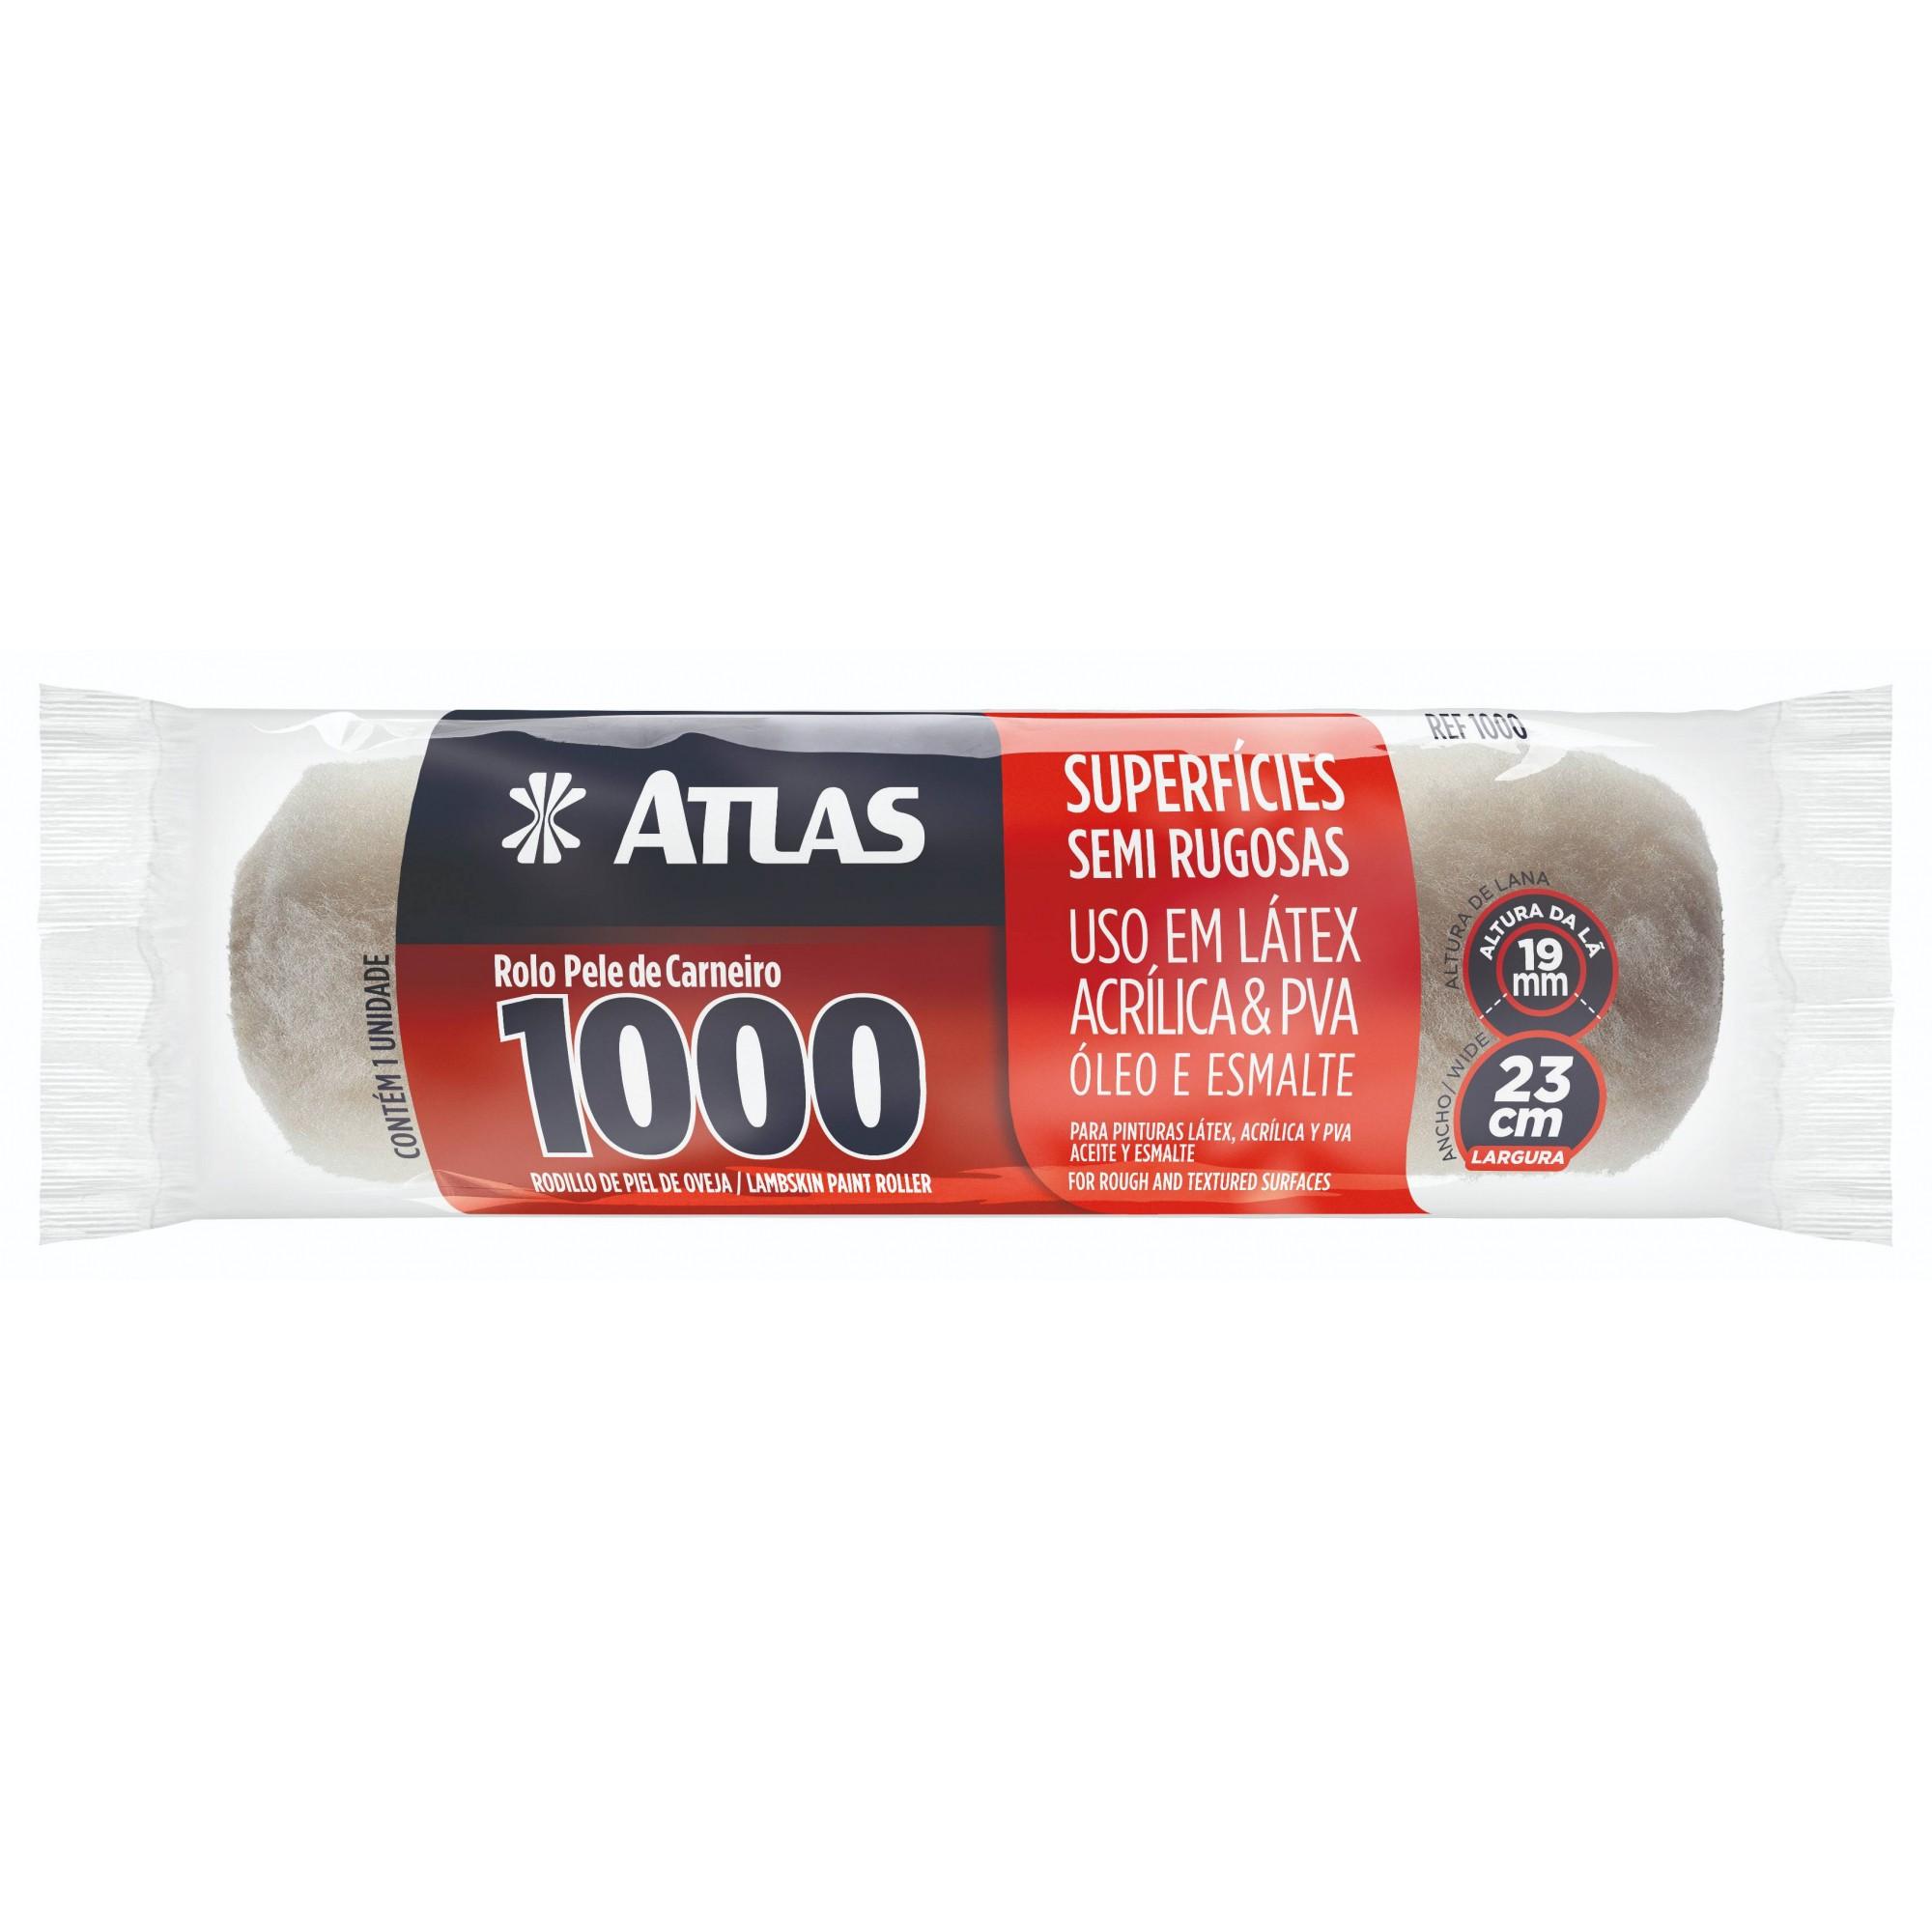 Rolo Pele de Carneiro 1000 23 CM Atlas 1000.